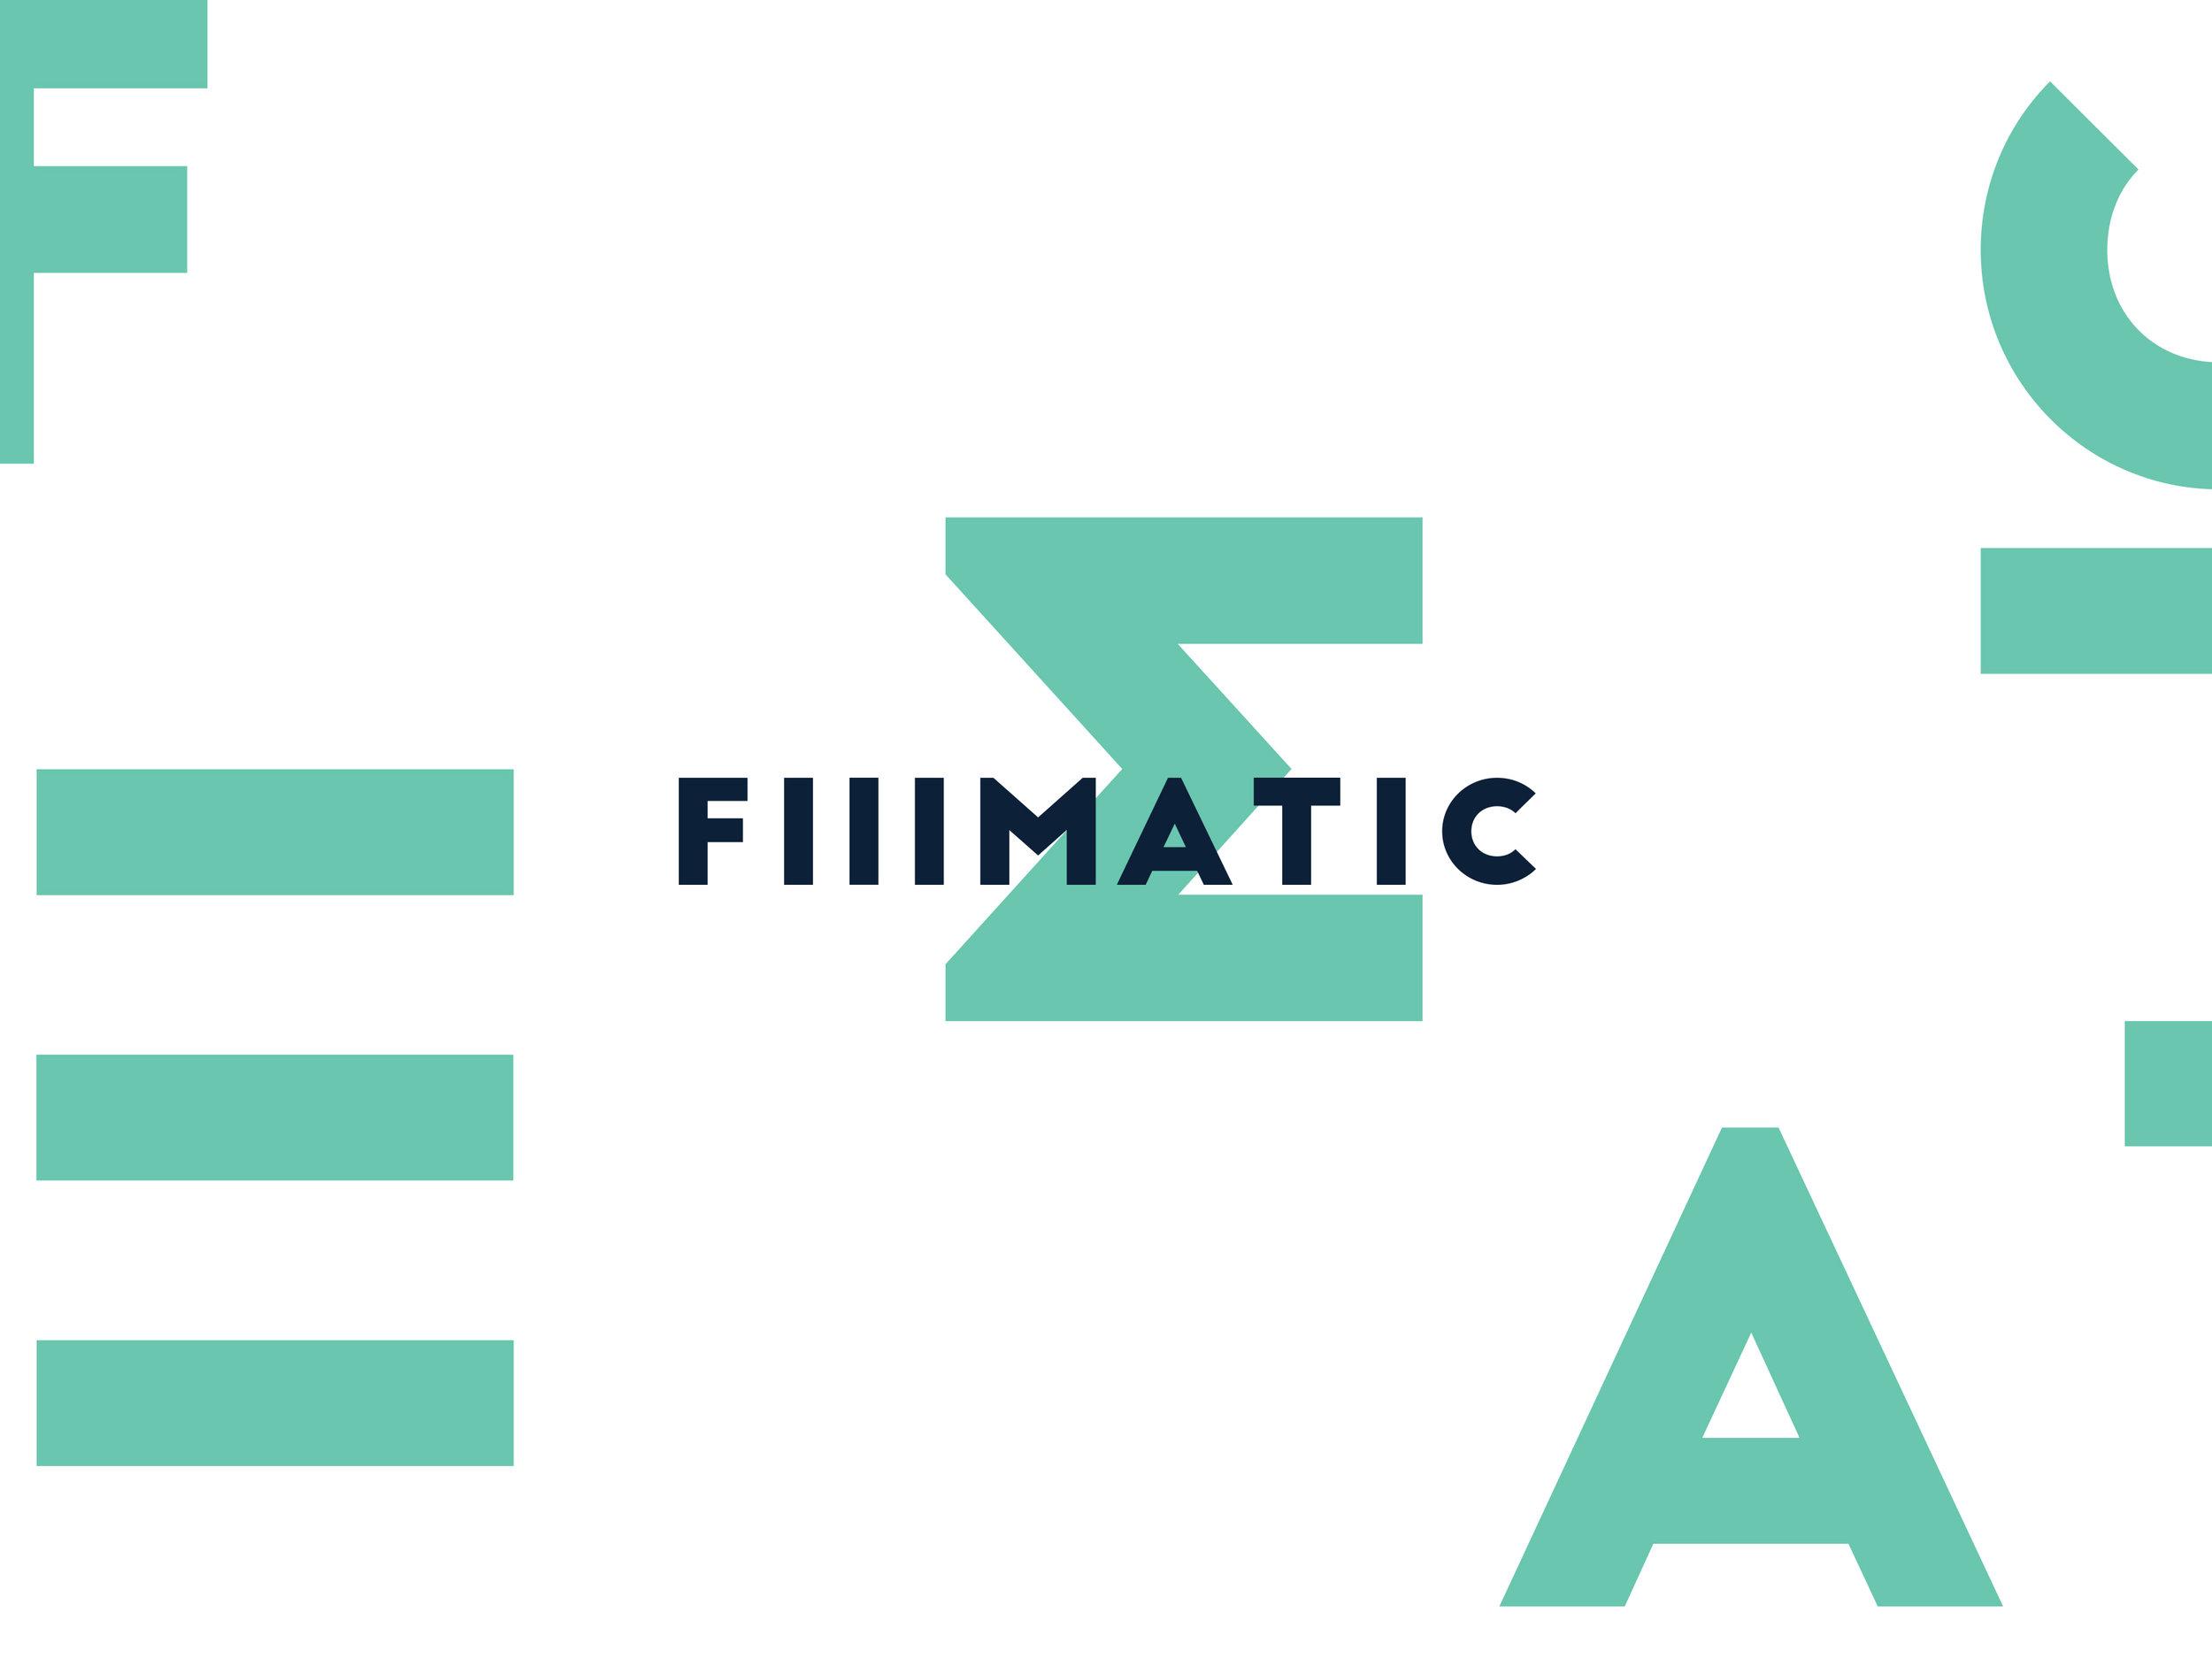 Studio_Bloq-FIllmatic-2.jpg